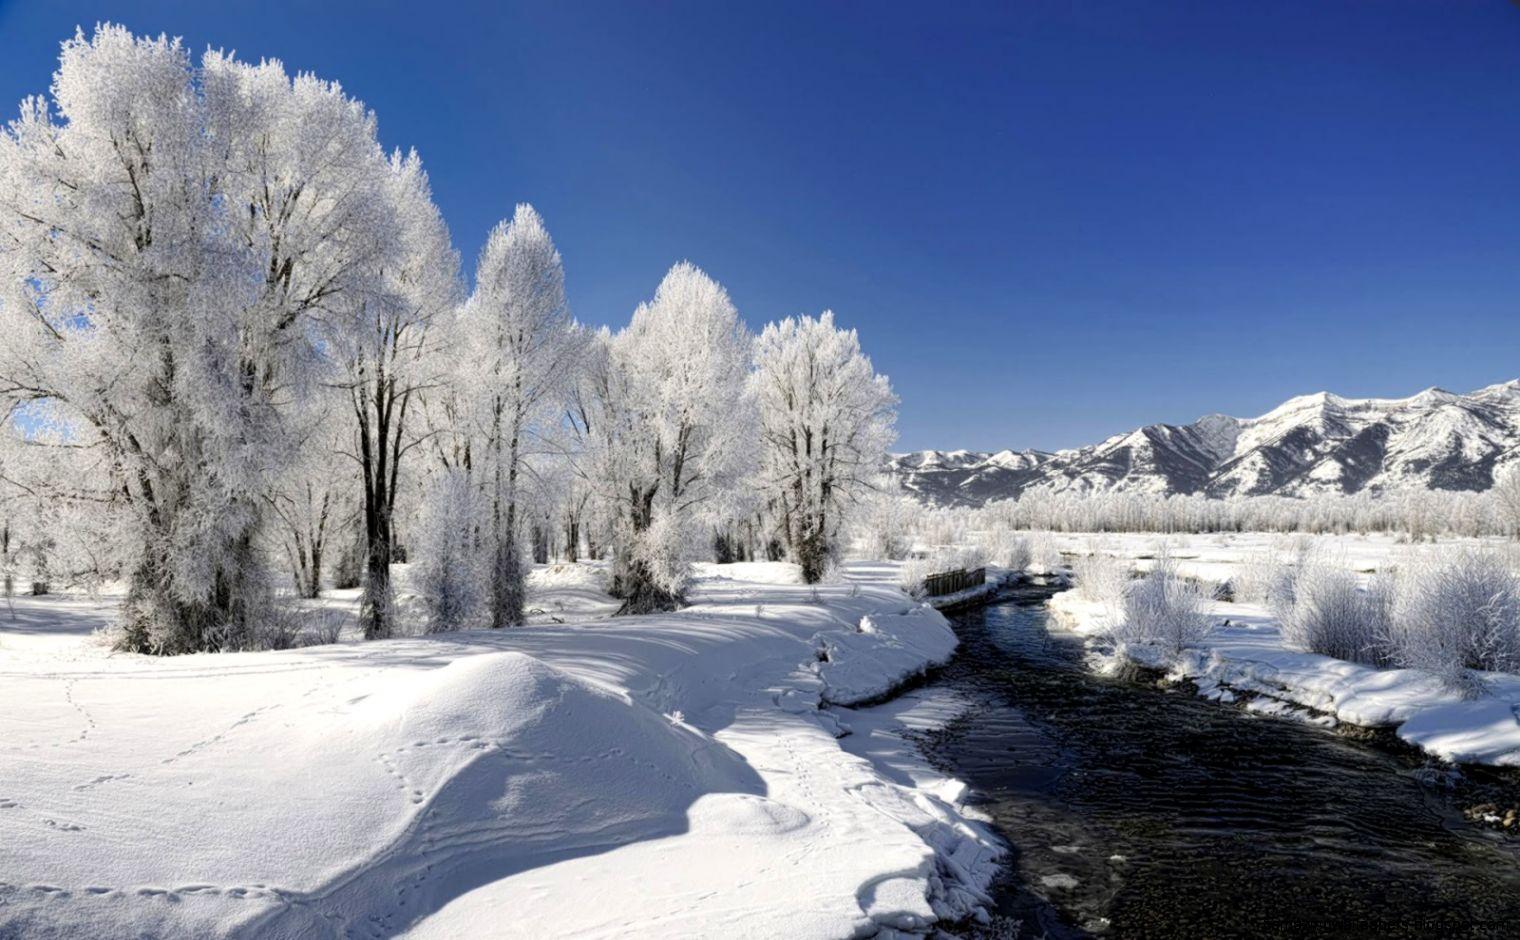 Download Beautiful Winter Wallpapers Beauty of Winter season